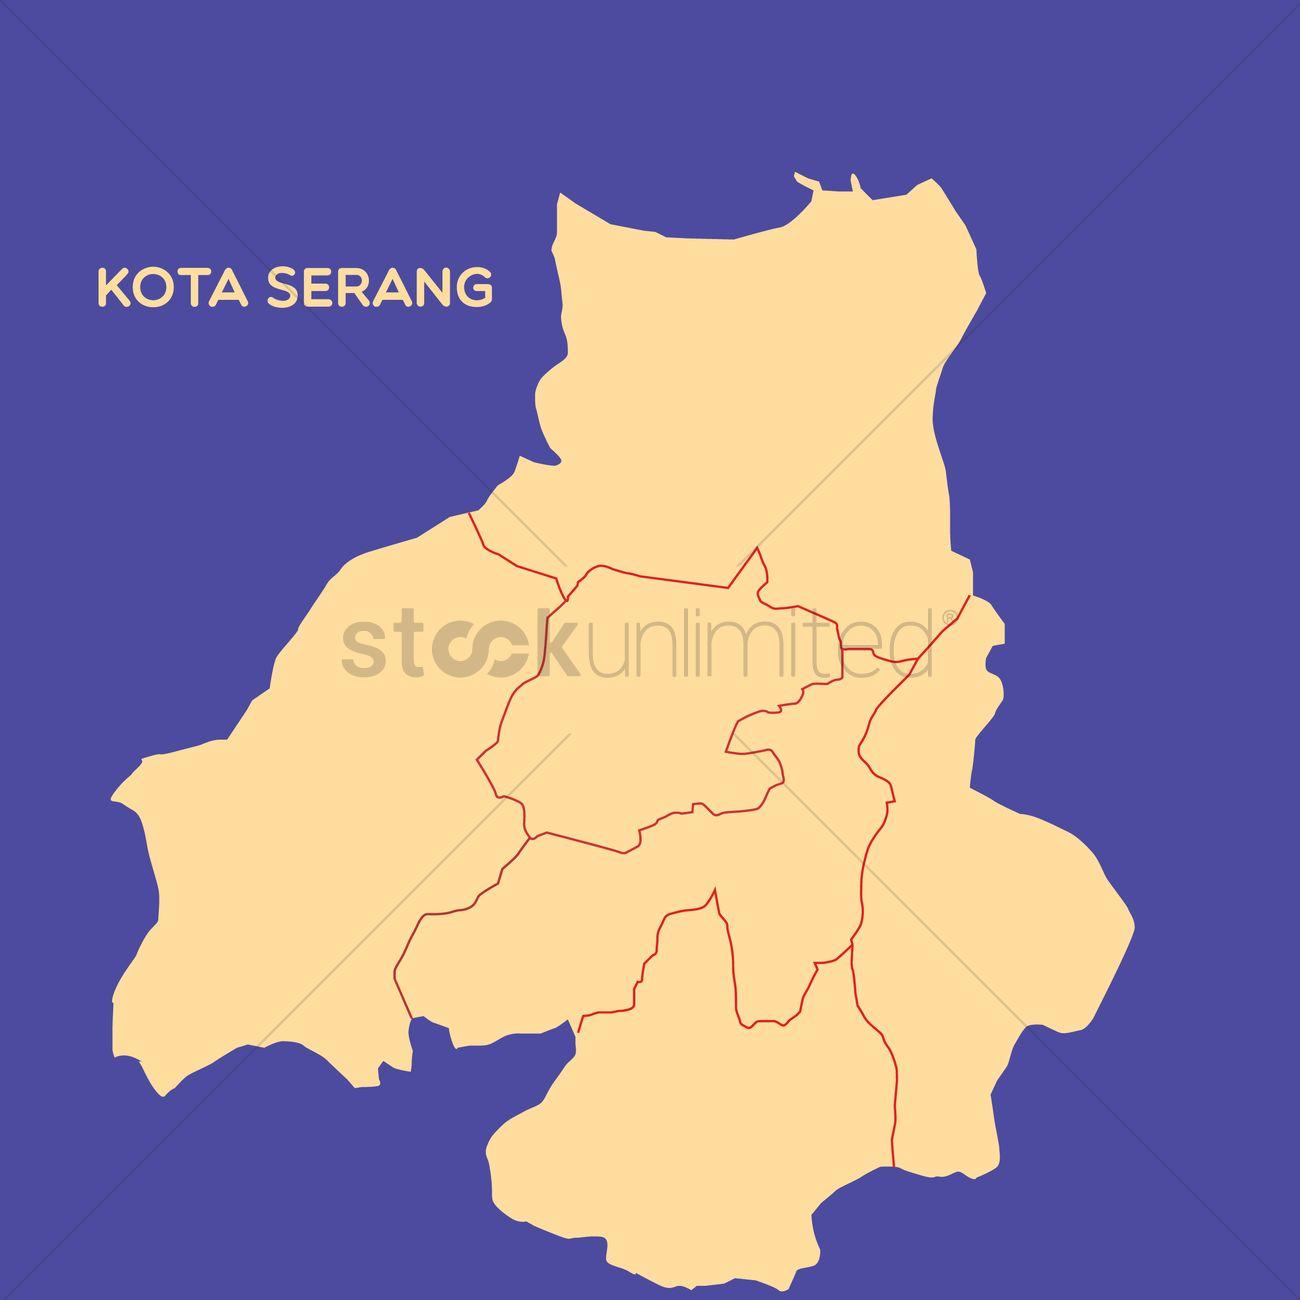 Map Of Kota Serang Vector Image 1479772 Stockunlimited